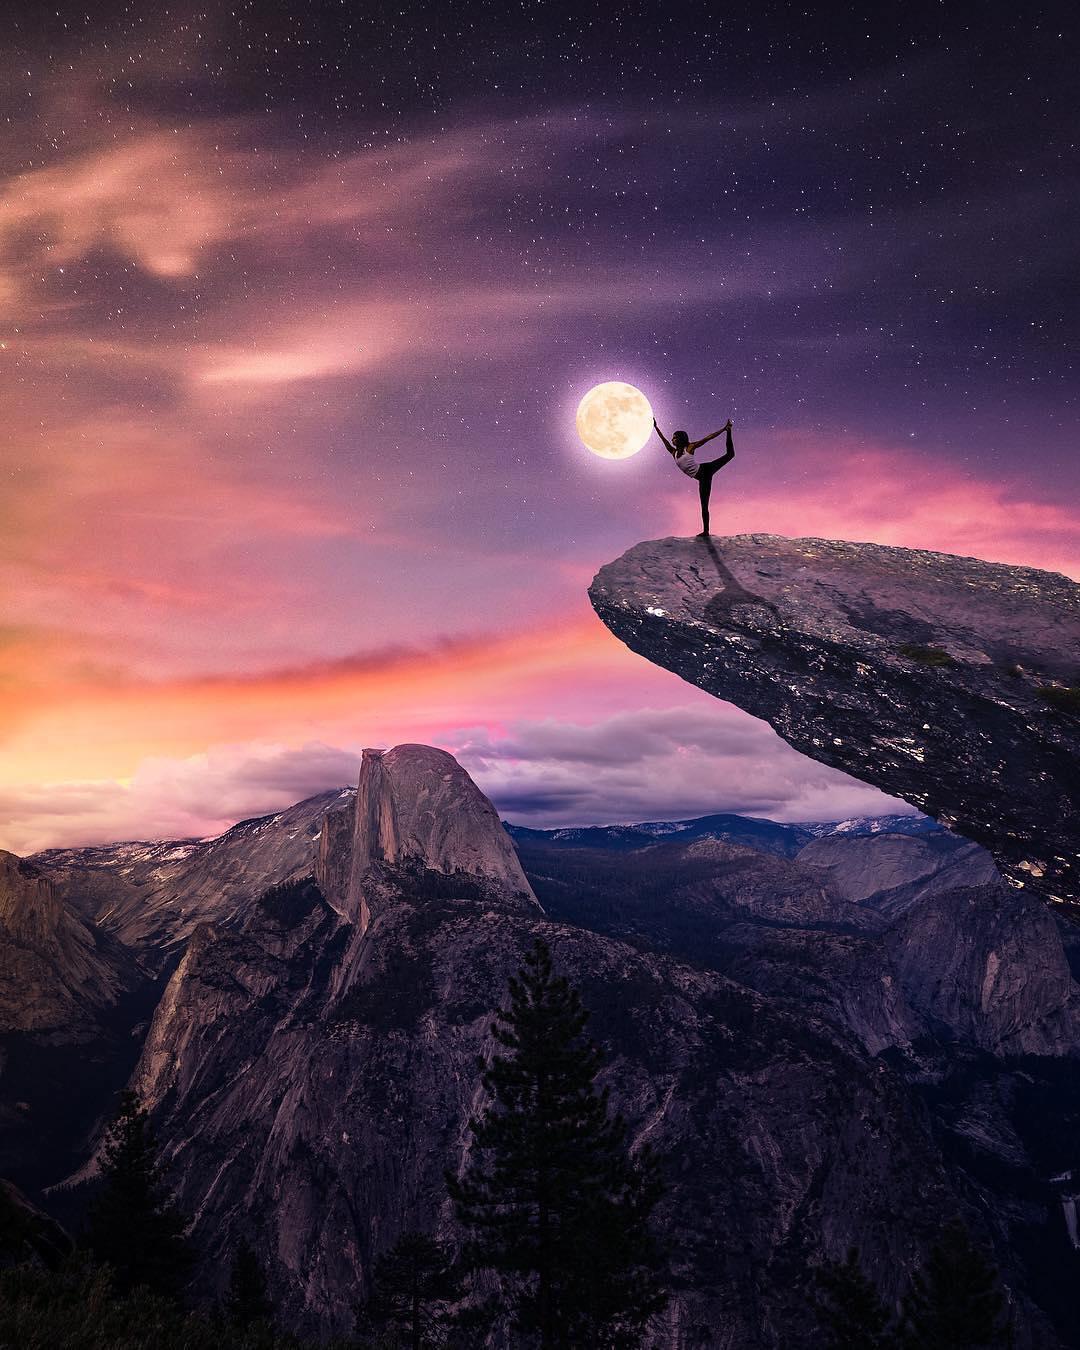 Фото Девушка в позе йоги стоит на краю обрыва, дотрагиваясь до луны